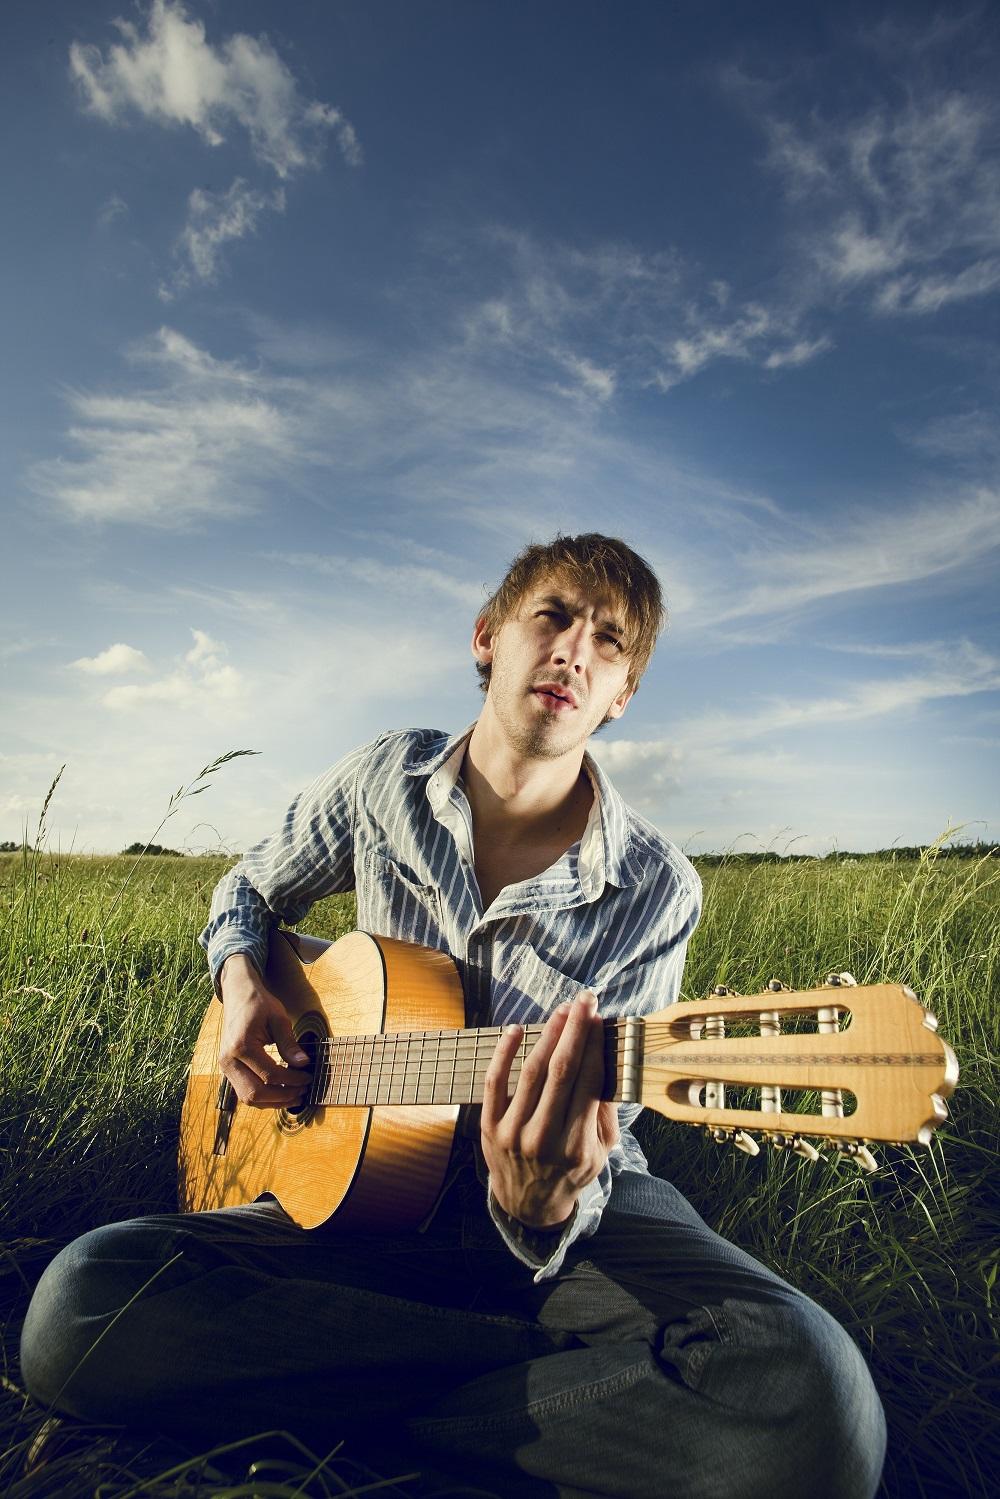 آموزش گیتار جلسه نهم | آکورد باره گیتار